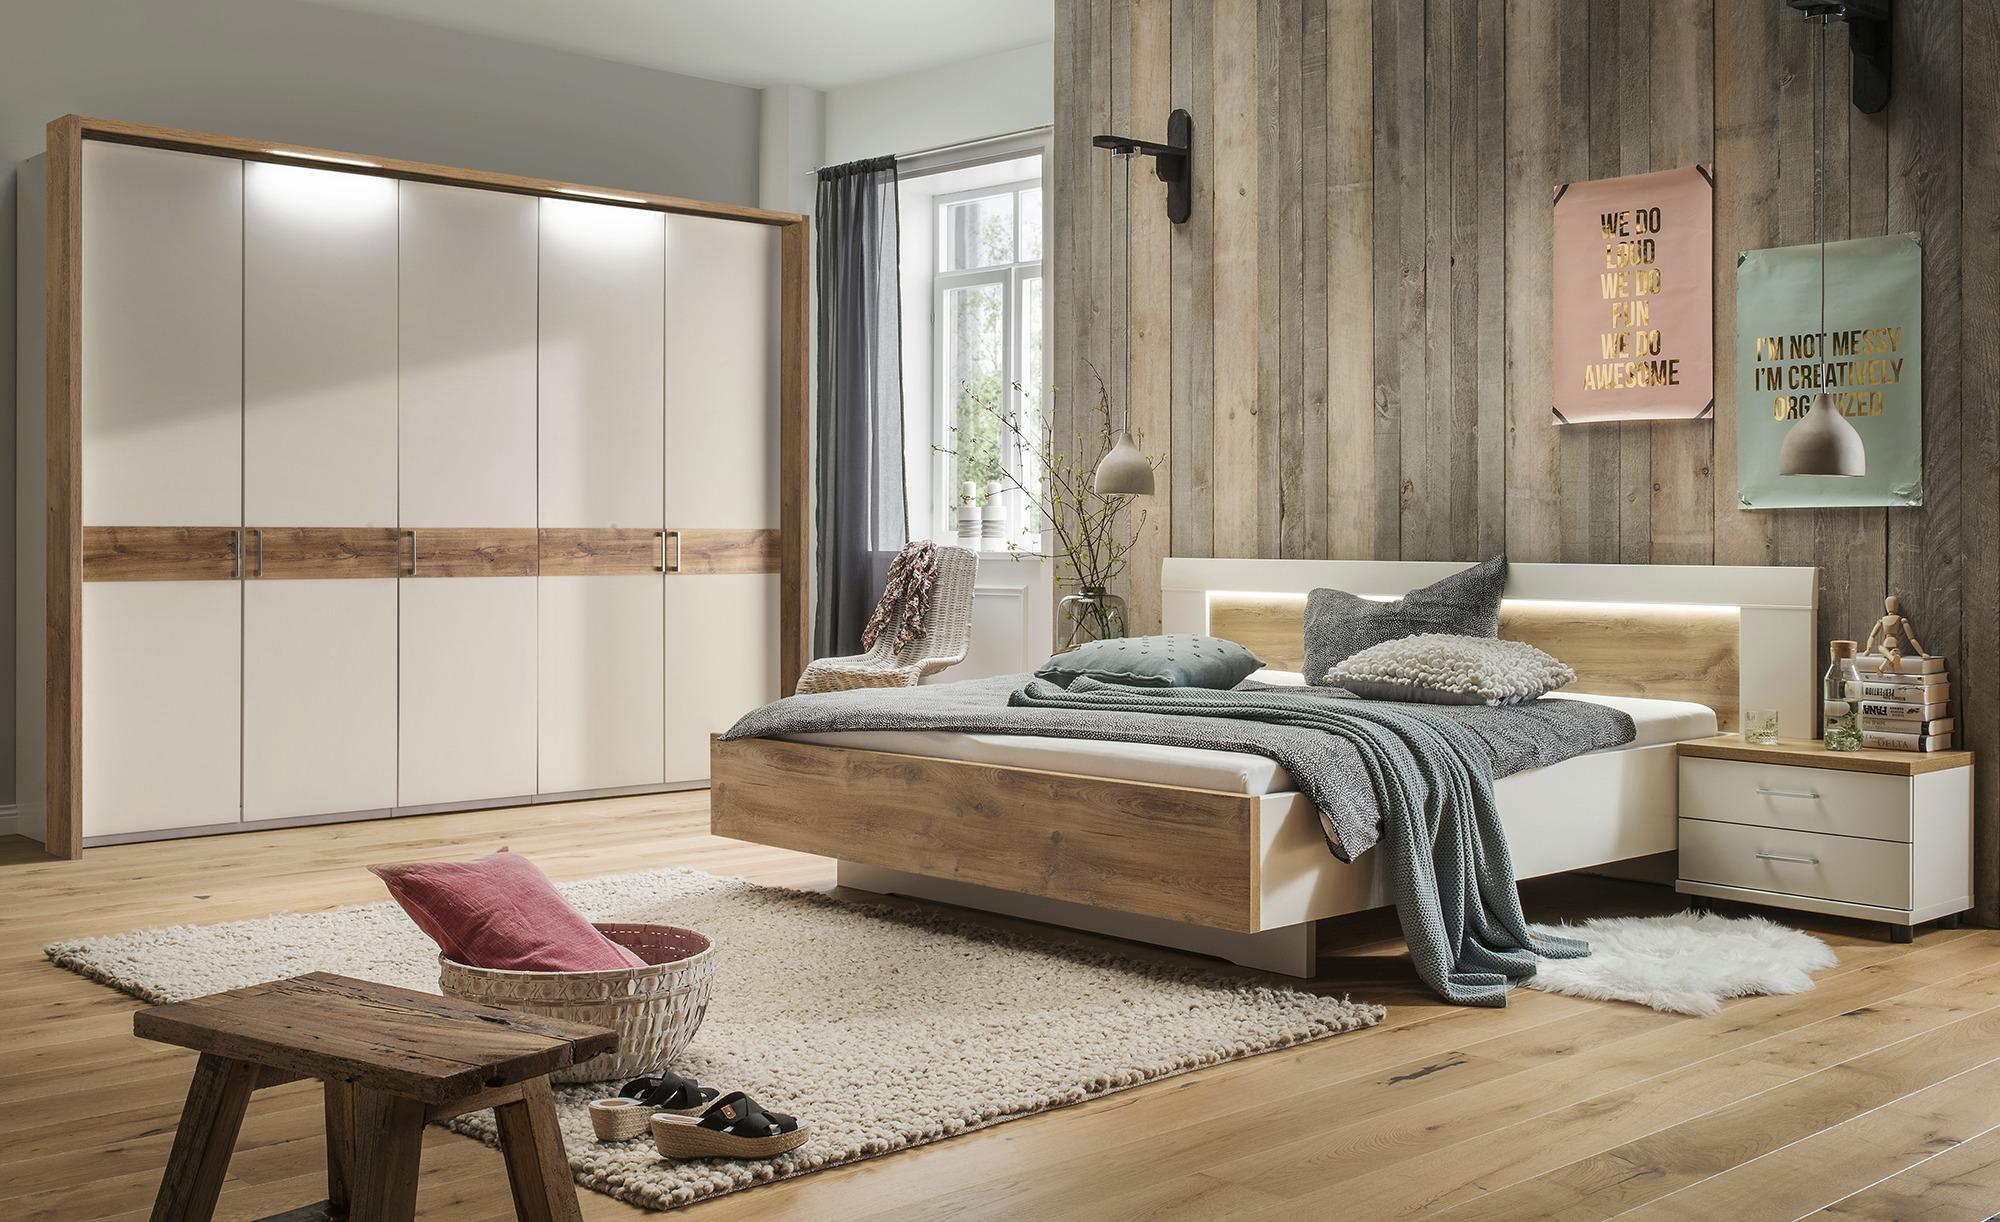 uno Komplett-Schlafzimmer 4-teilig, gefunden bei Möbel Kraft